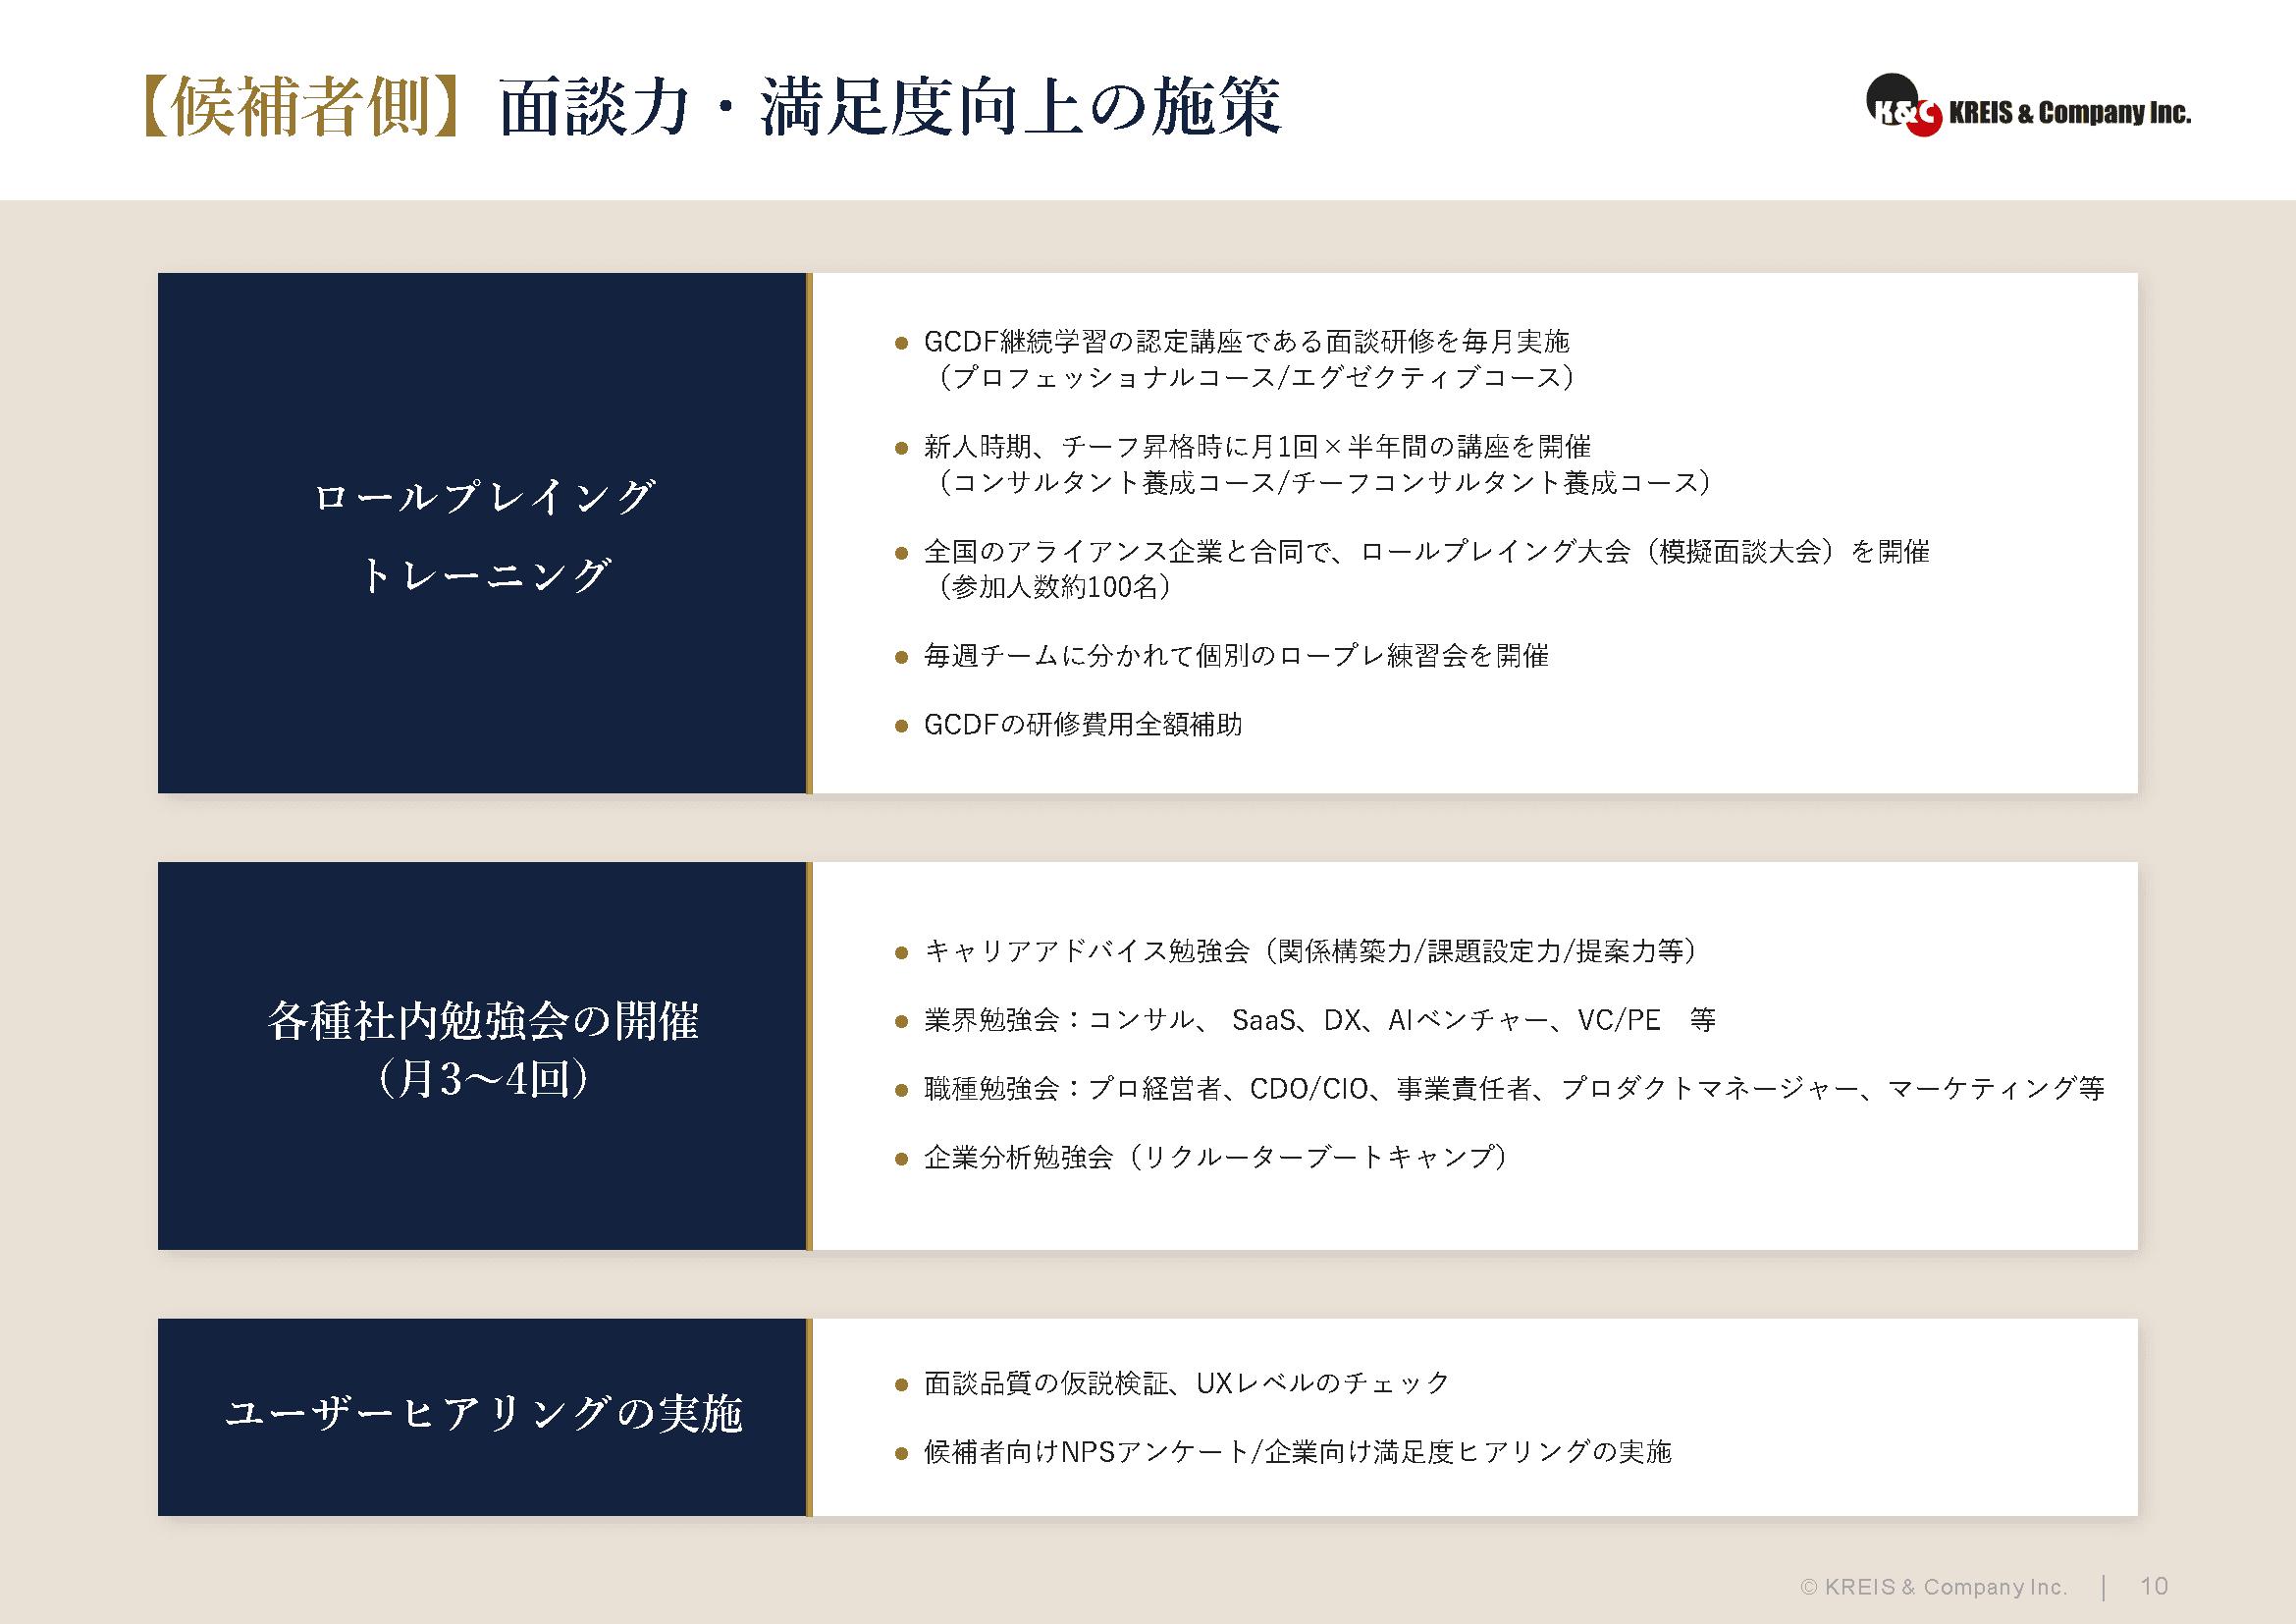 【候補者側】面談力・満足度向上の施策